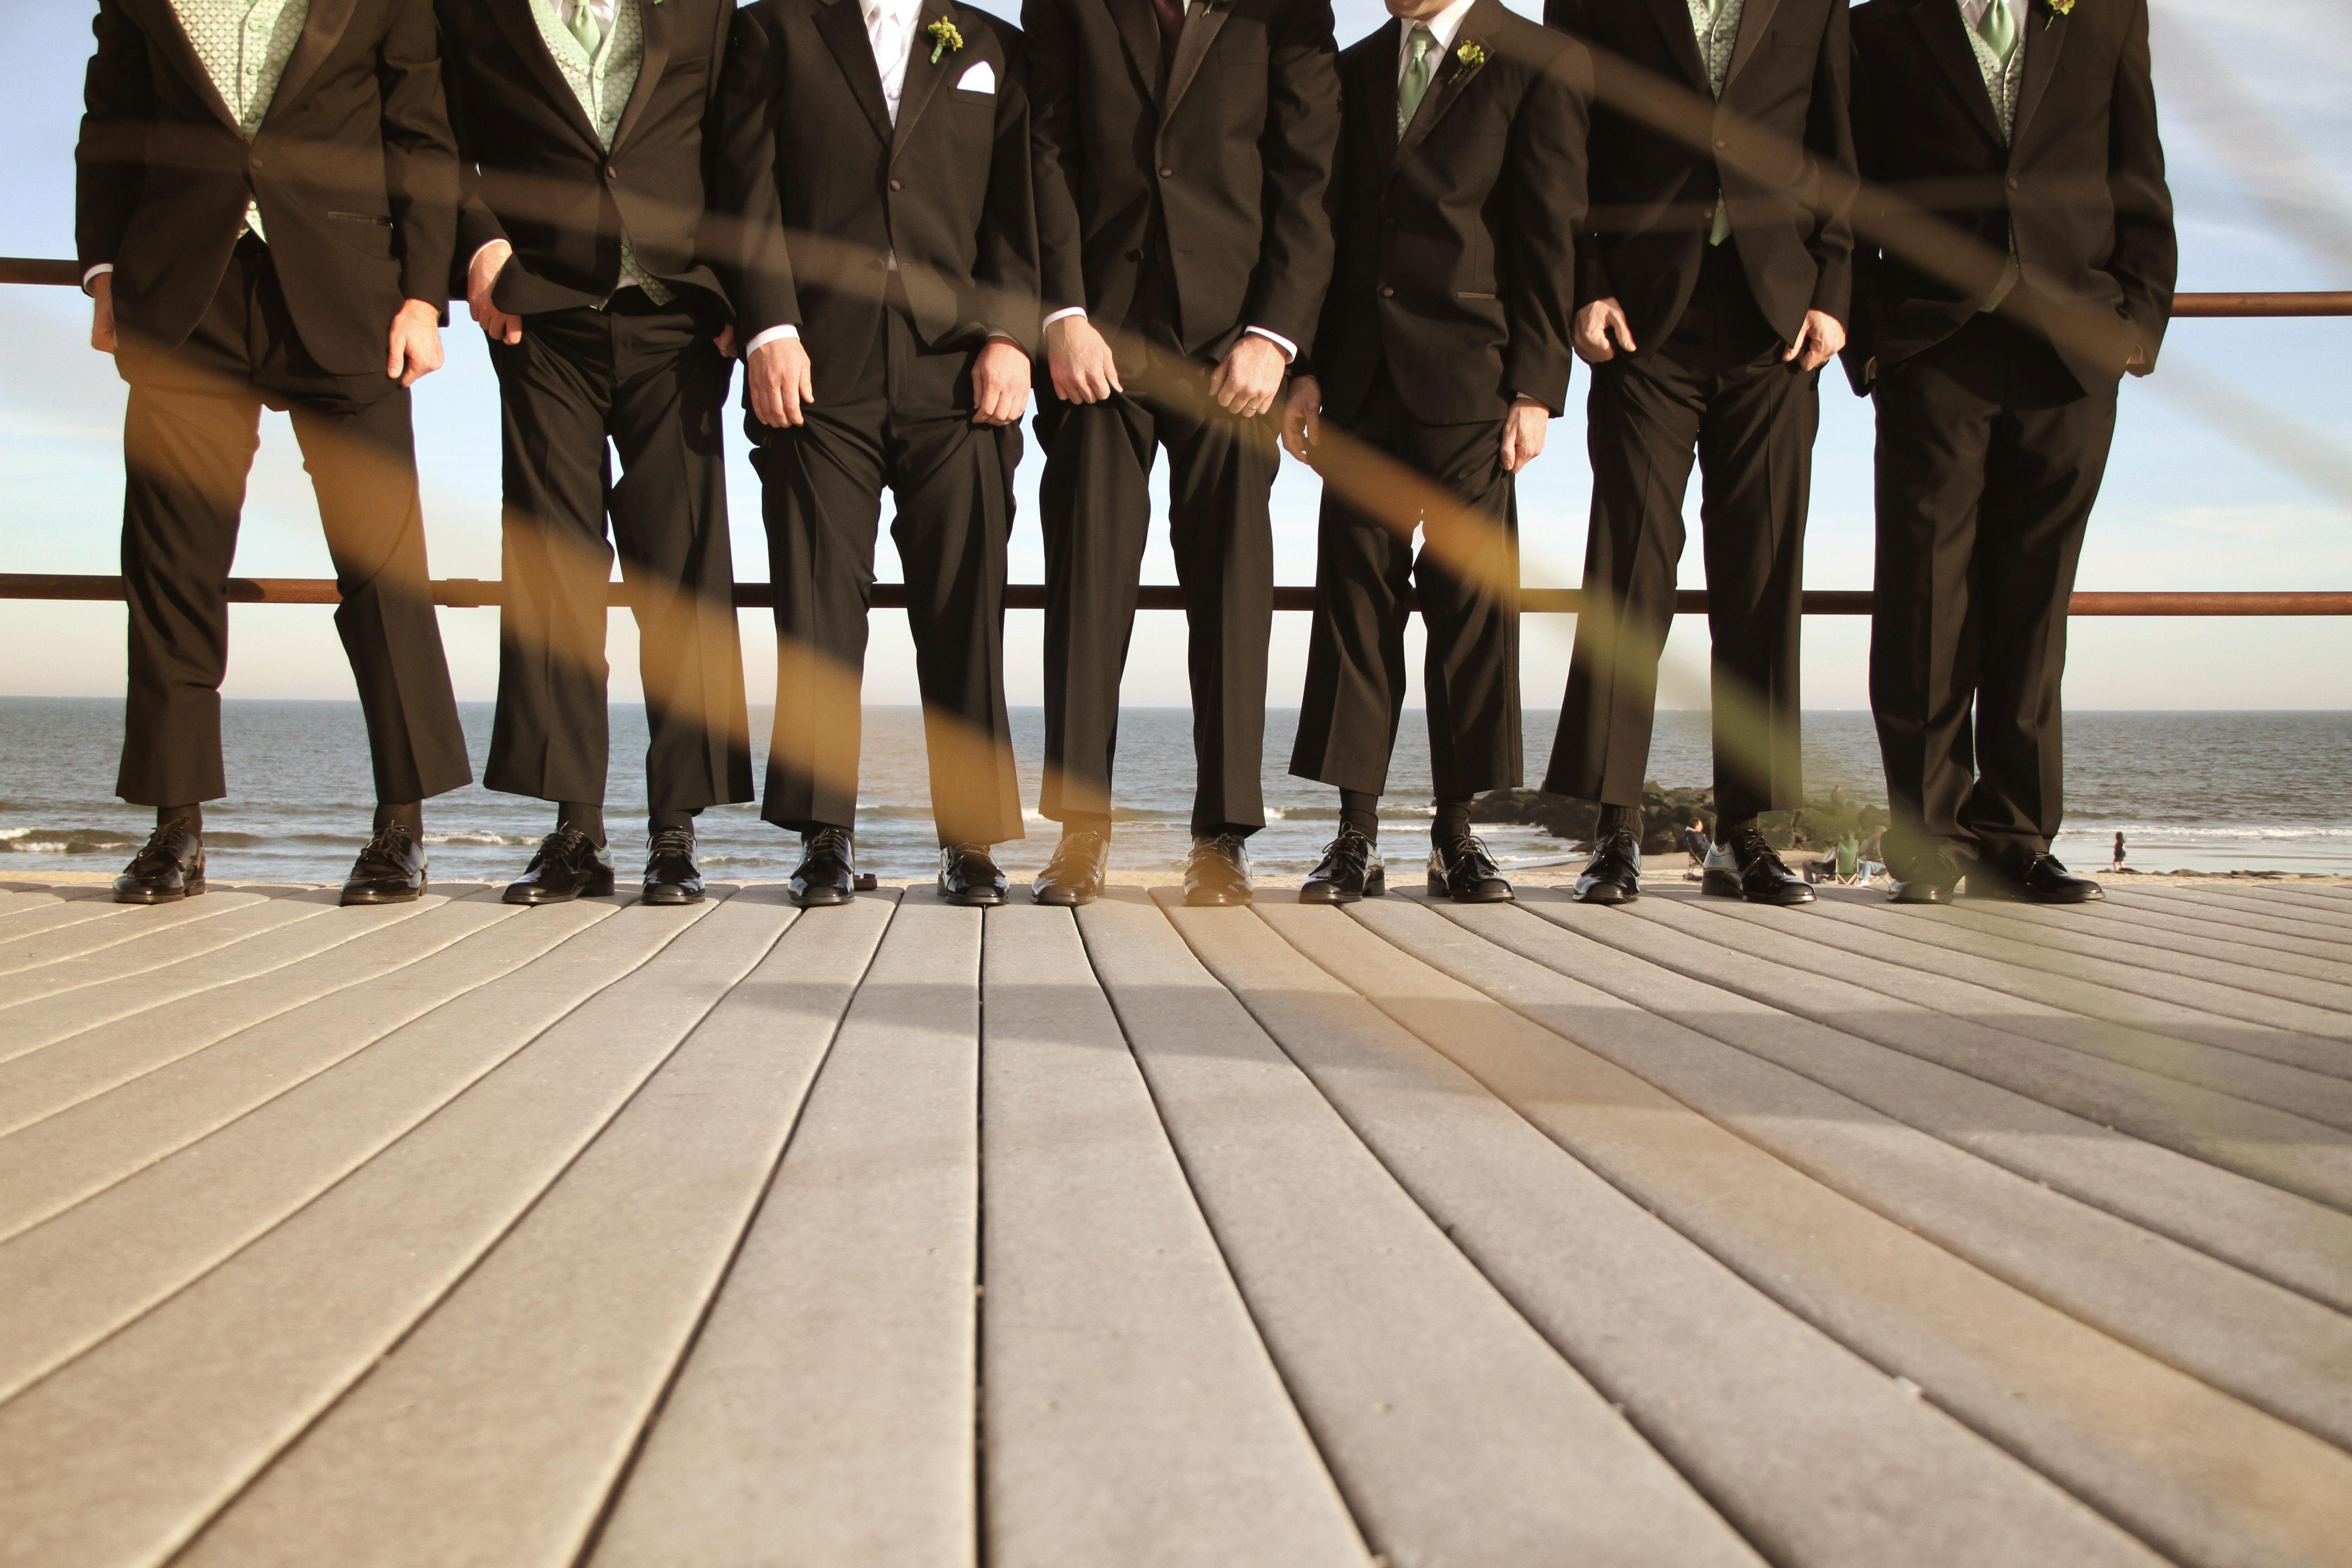 c_s_weddingflick2011_022